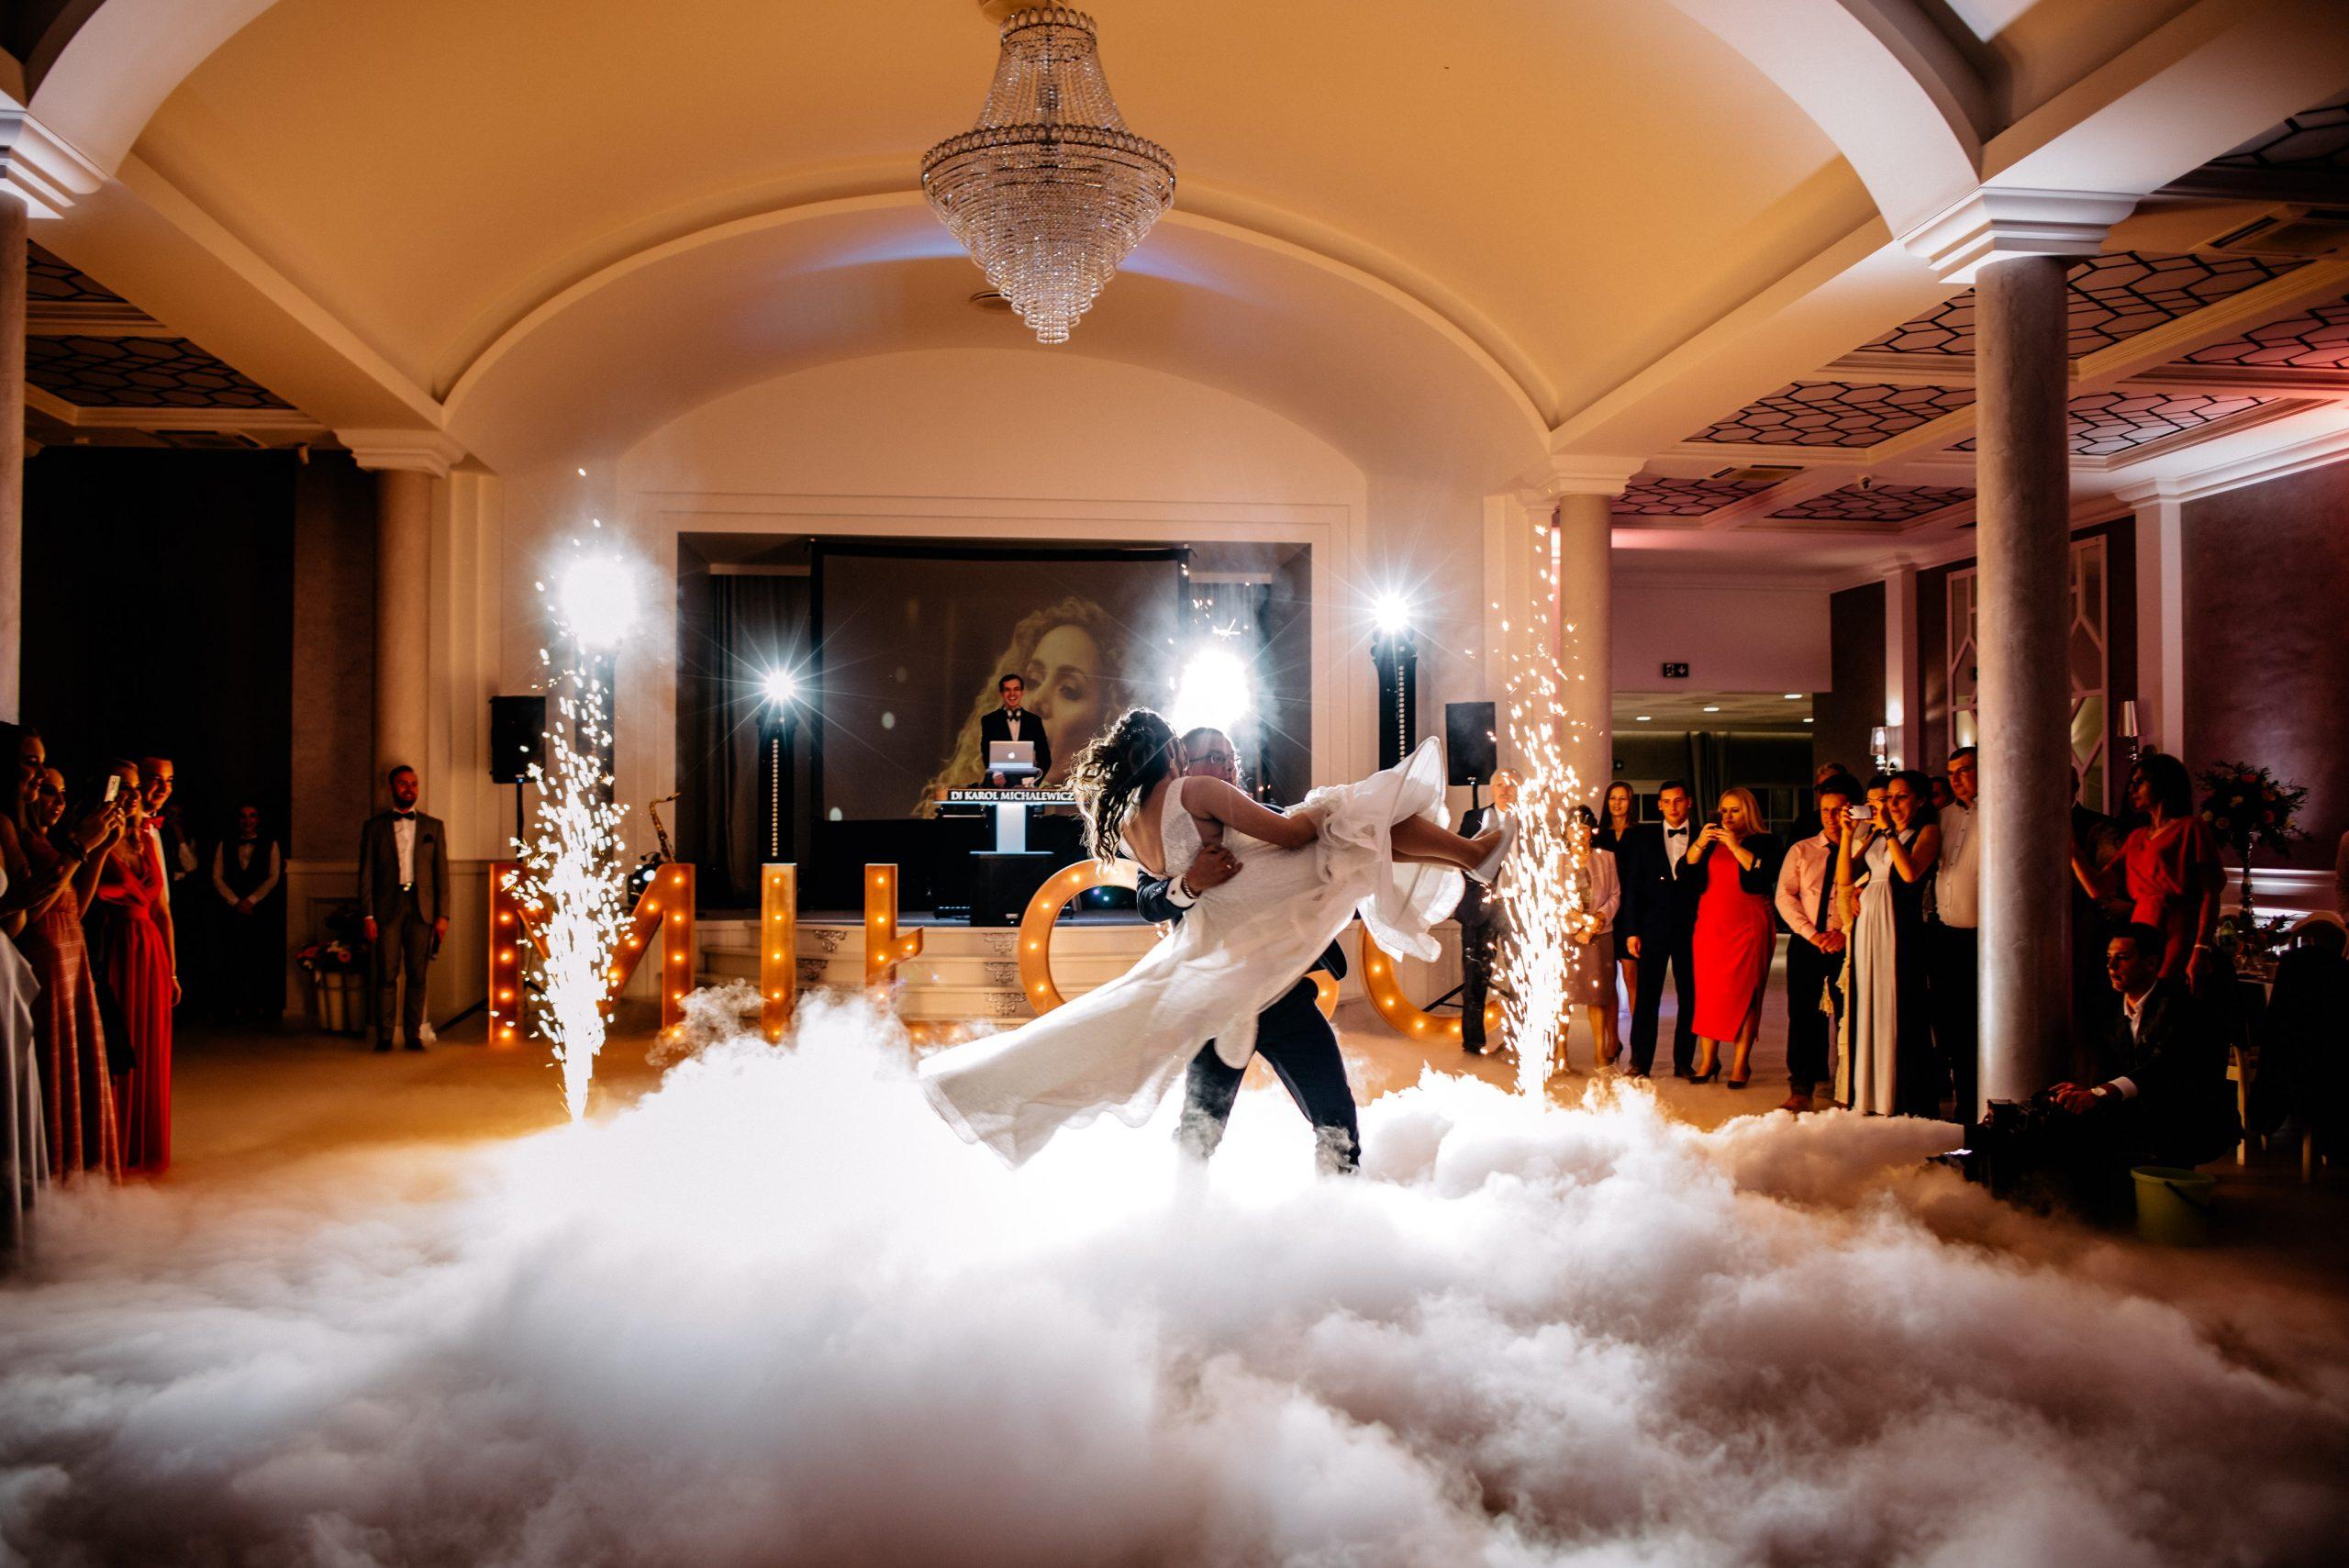 Ciężki dym i dekoracja światłem na wesele